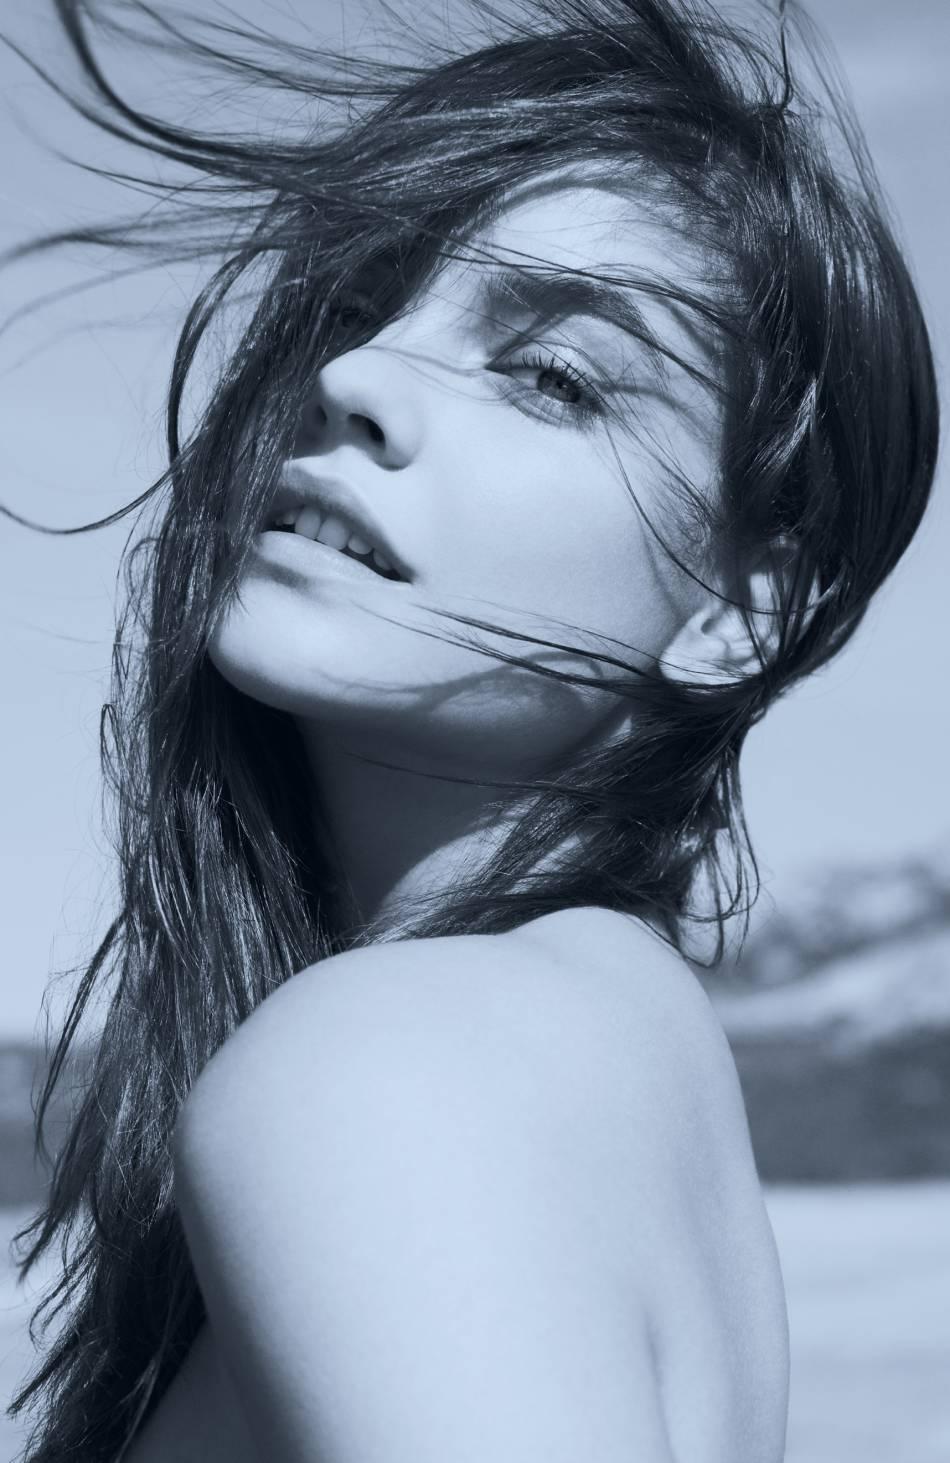 Consécration pour Barbara Palvin : à seulement 22 ans, elle devient égérie pour une fragrance Armani.